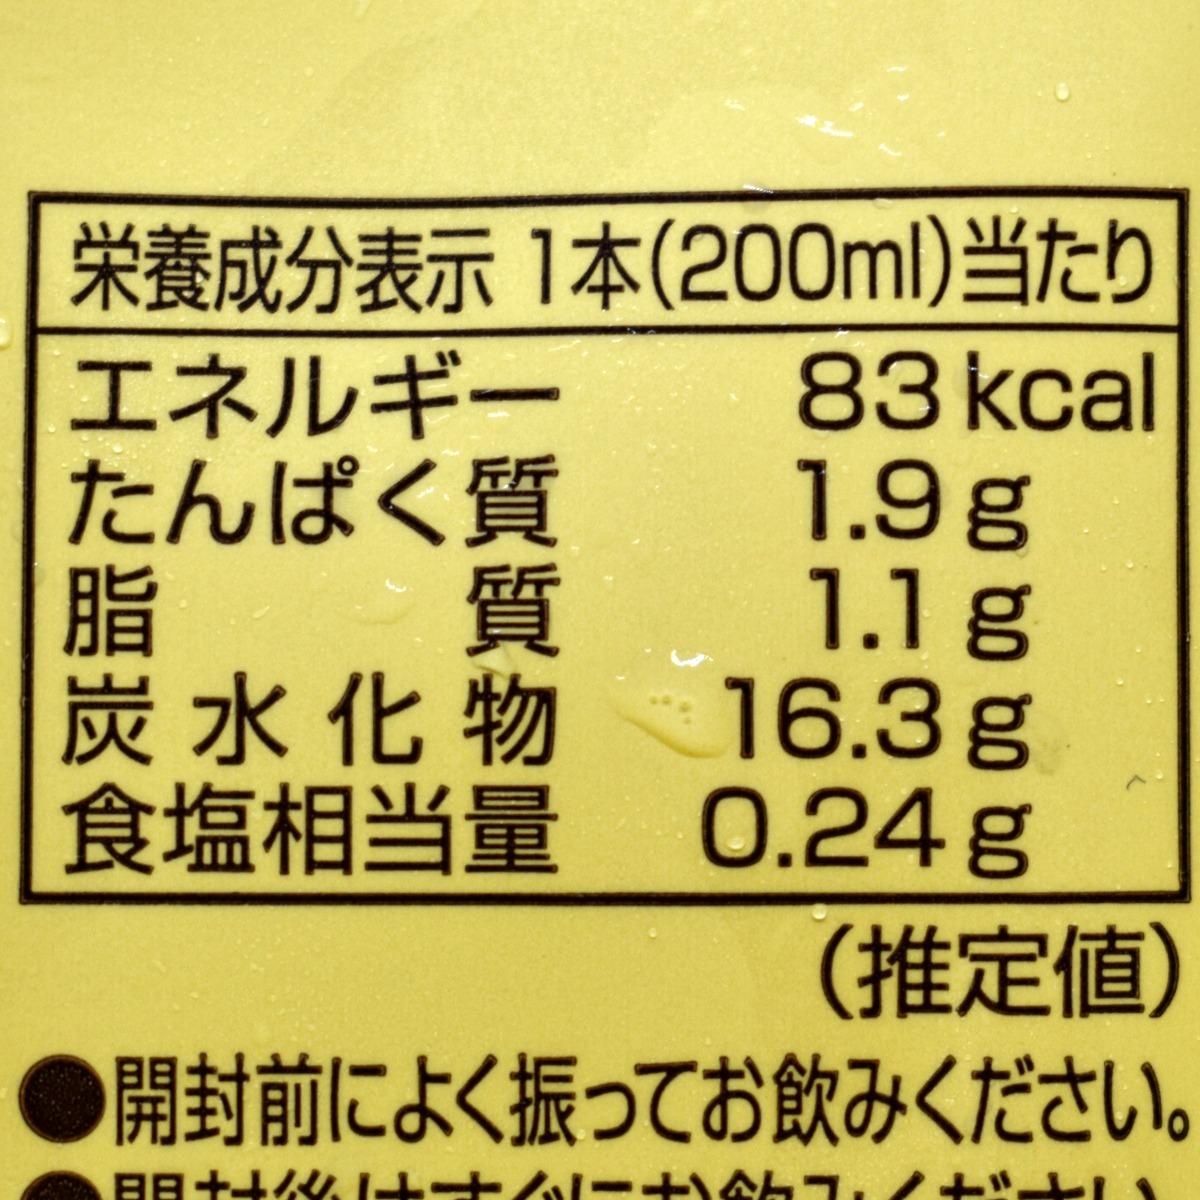 明治COFFEEカフェオ・レの栄養成分表示